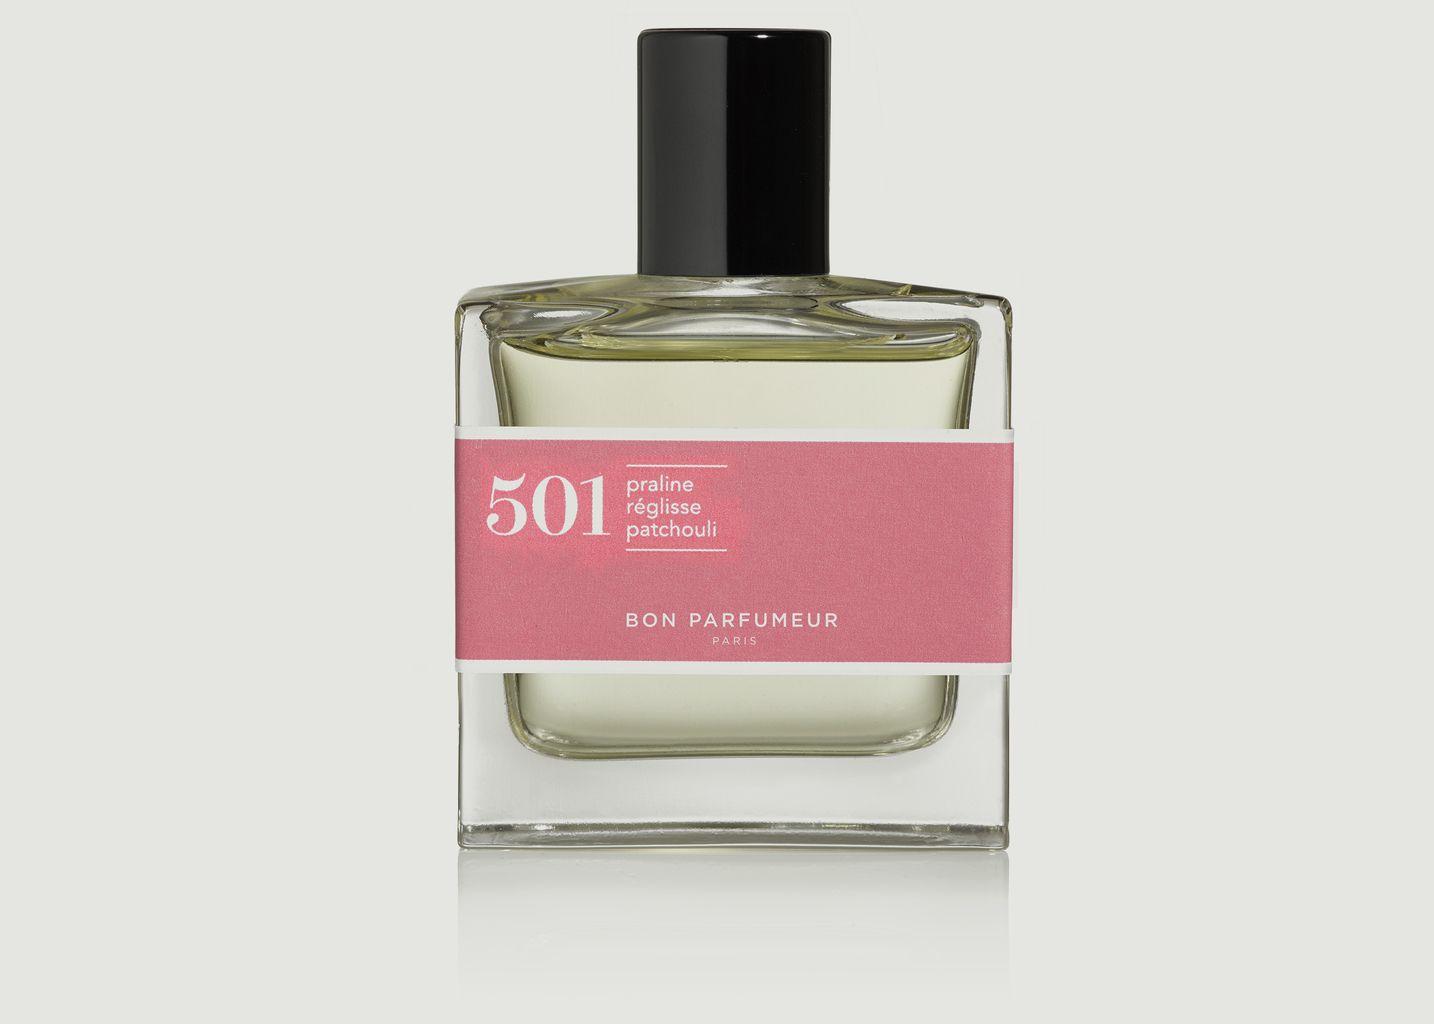 Eau de Parfum 501 - Bon Parfumeur